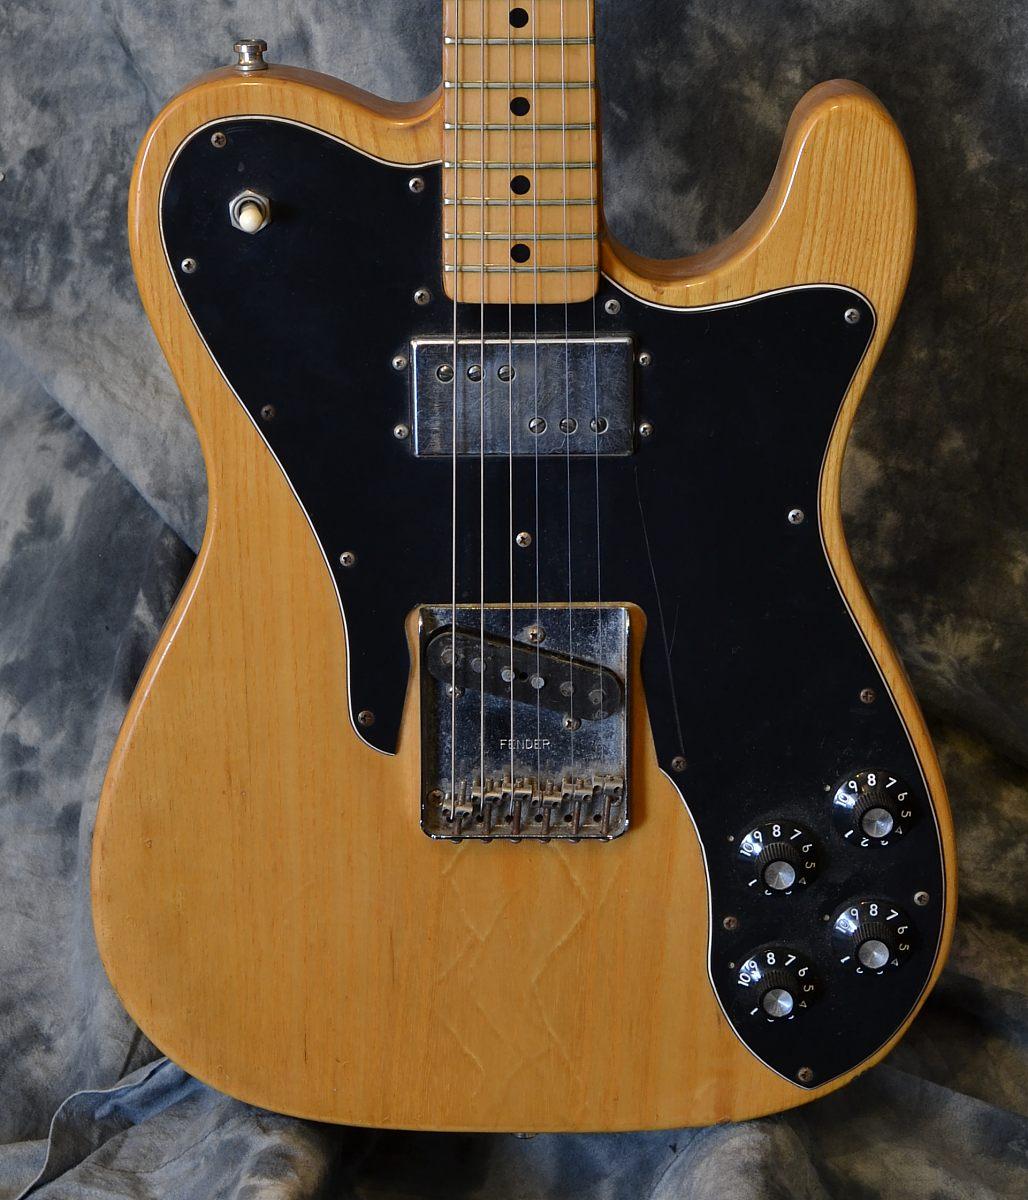 Fender Telecaster Custom 1974 | www.12fret.com